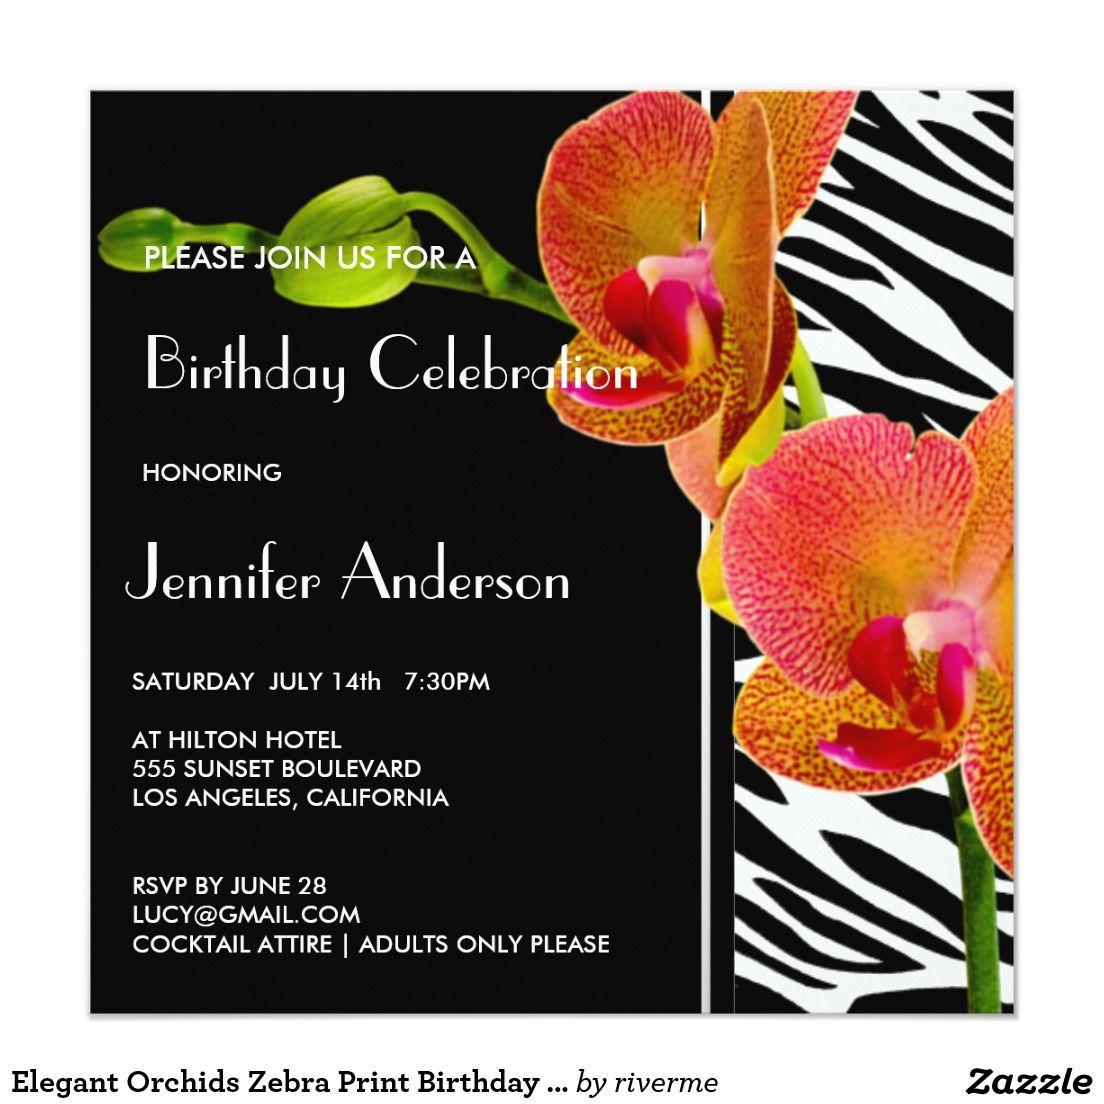 Elegant Orchids Zebra Print Birthday Party Invites   Feminine ...